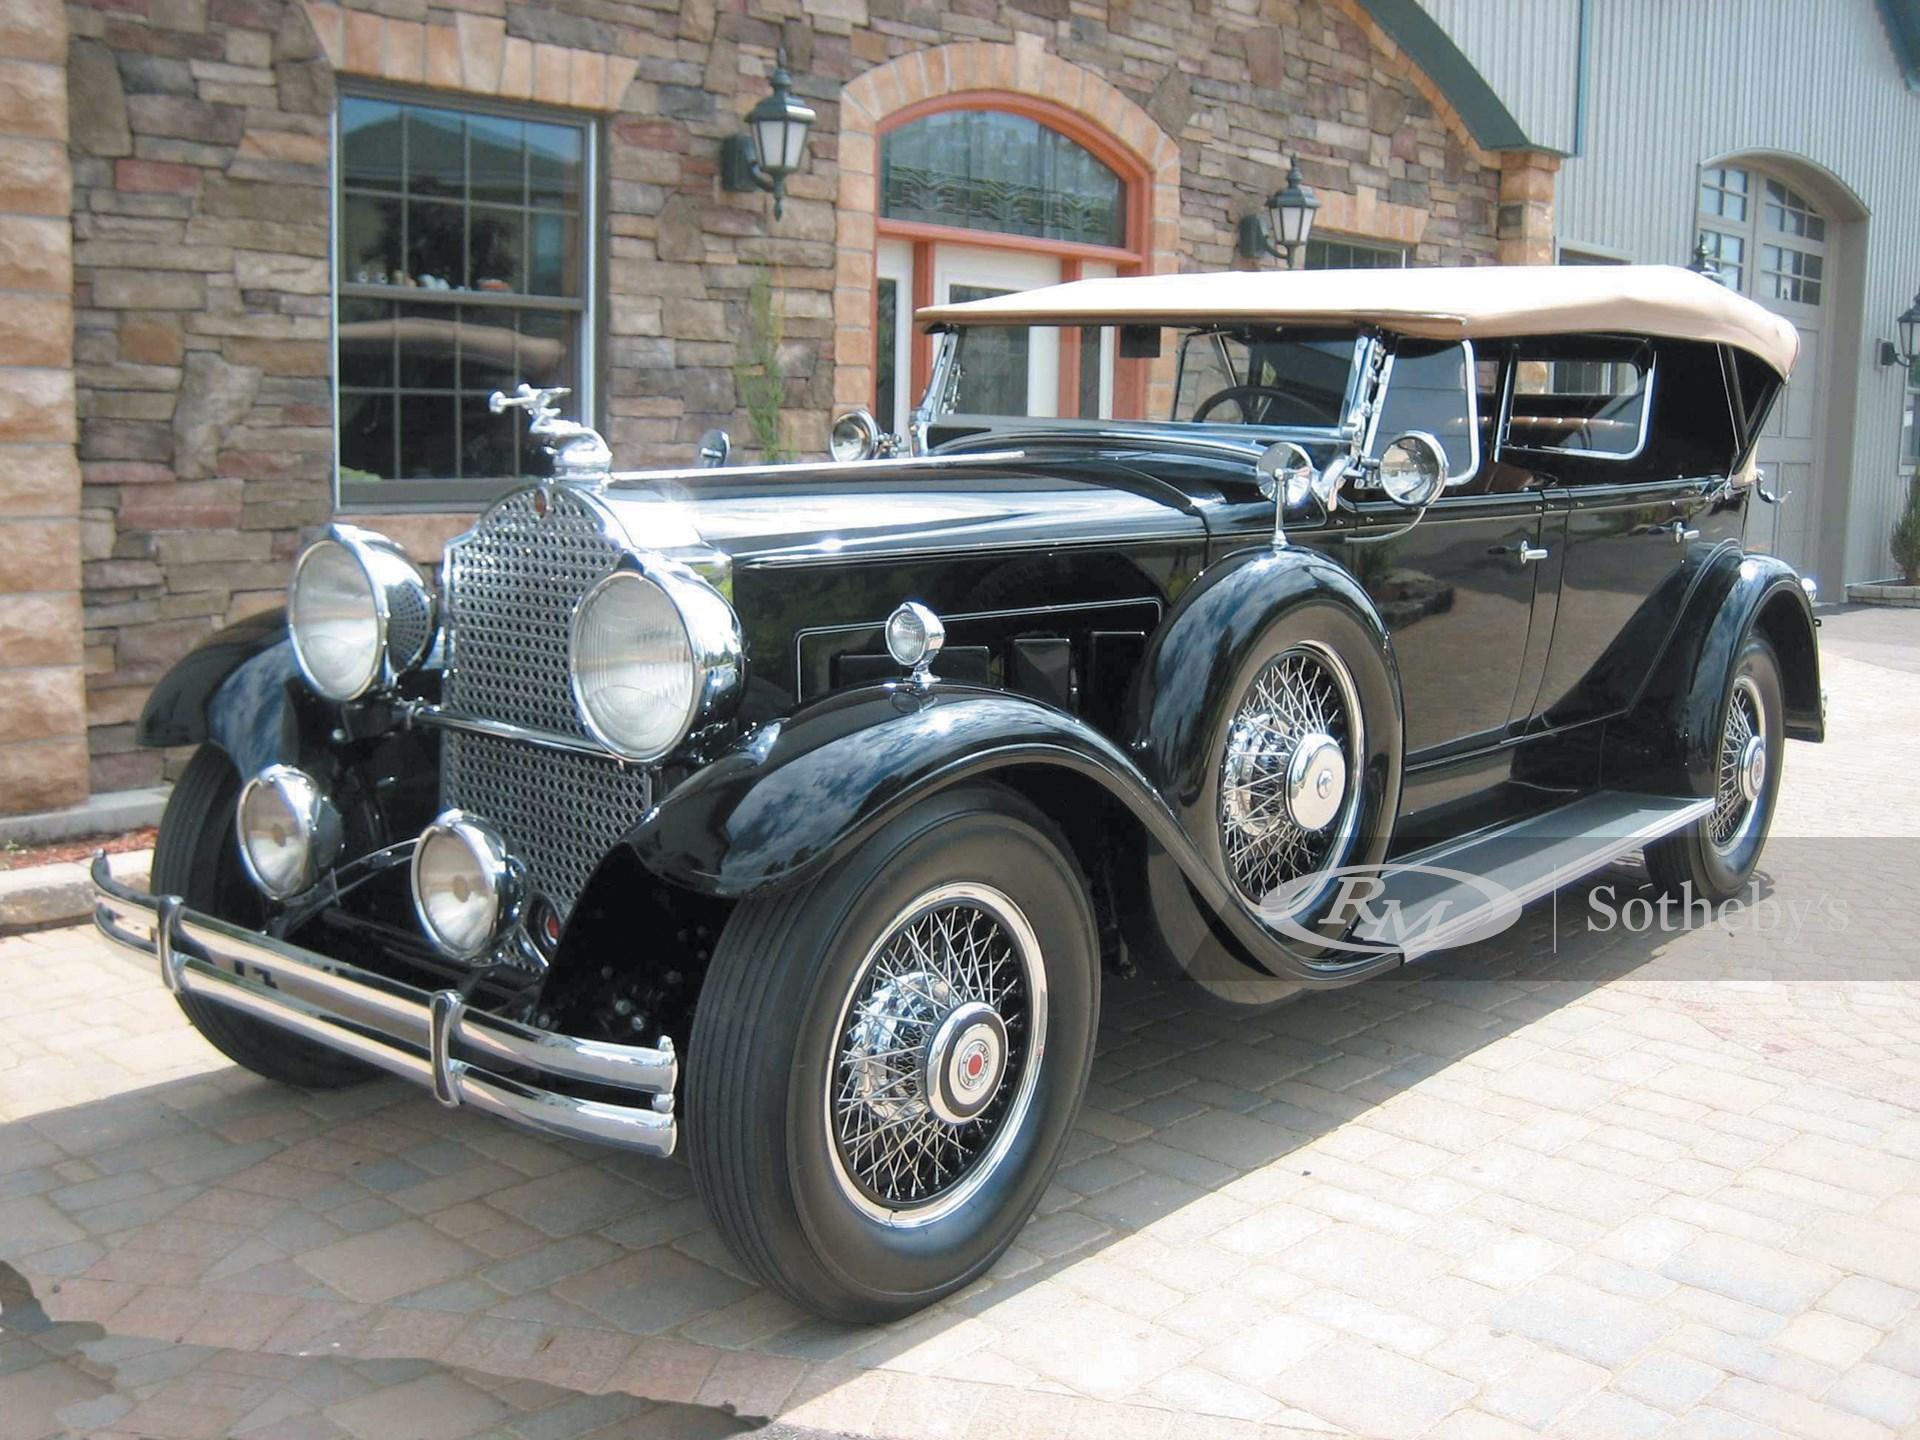 1930 Packard Deluxe Eight Five Passenger Phaeton